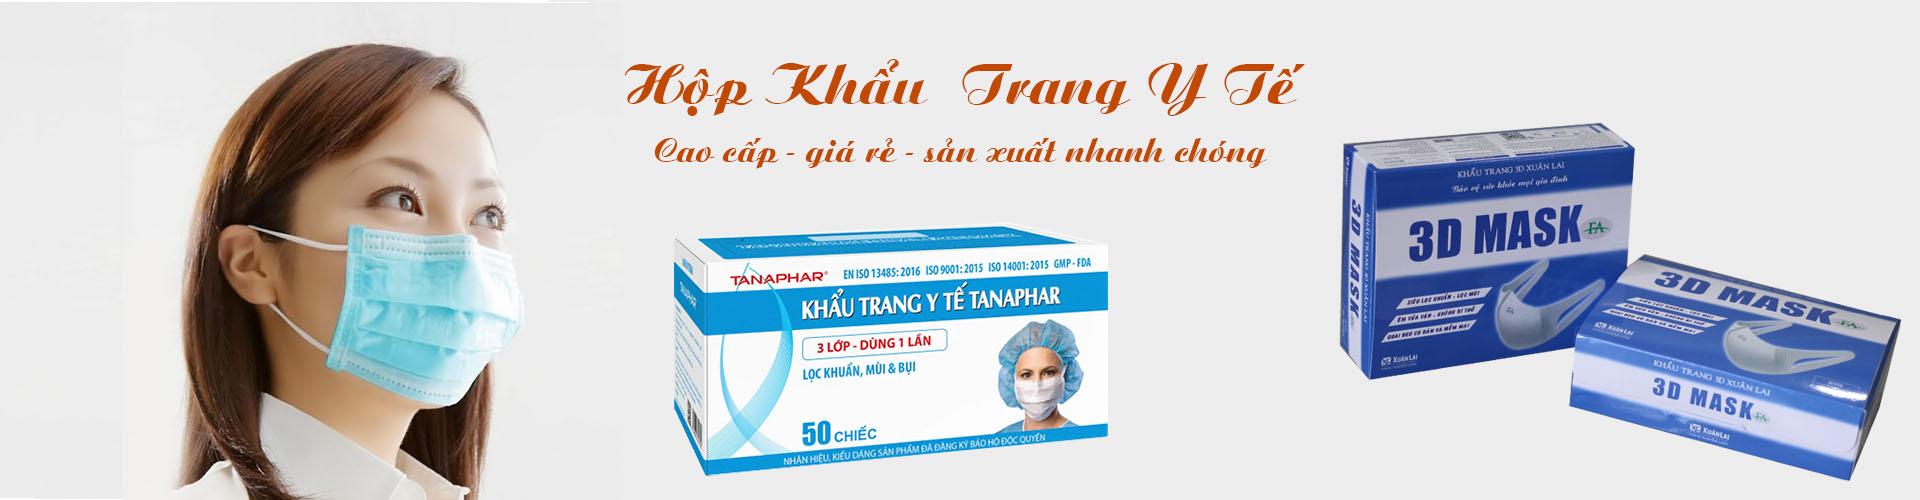 Banner khẩu trang y tế